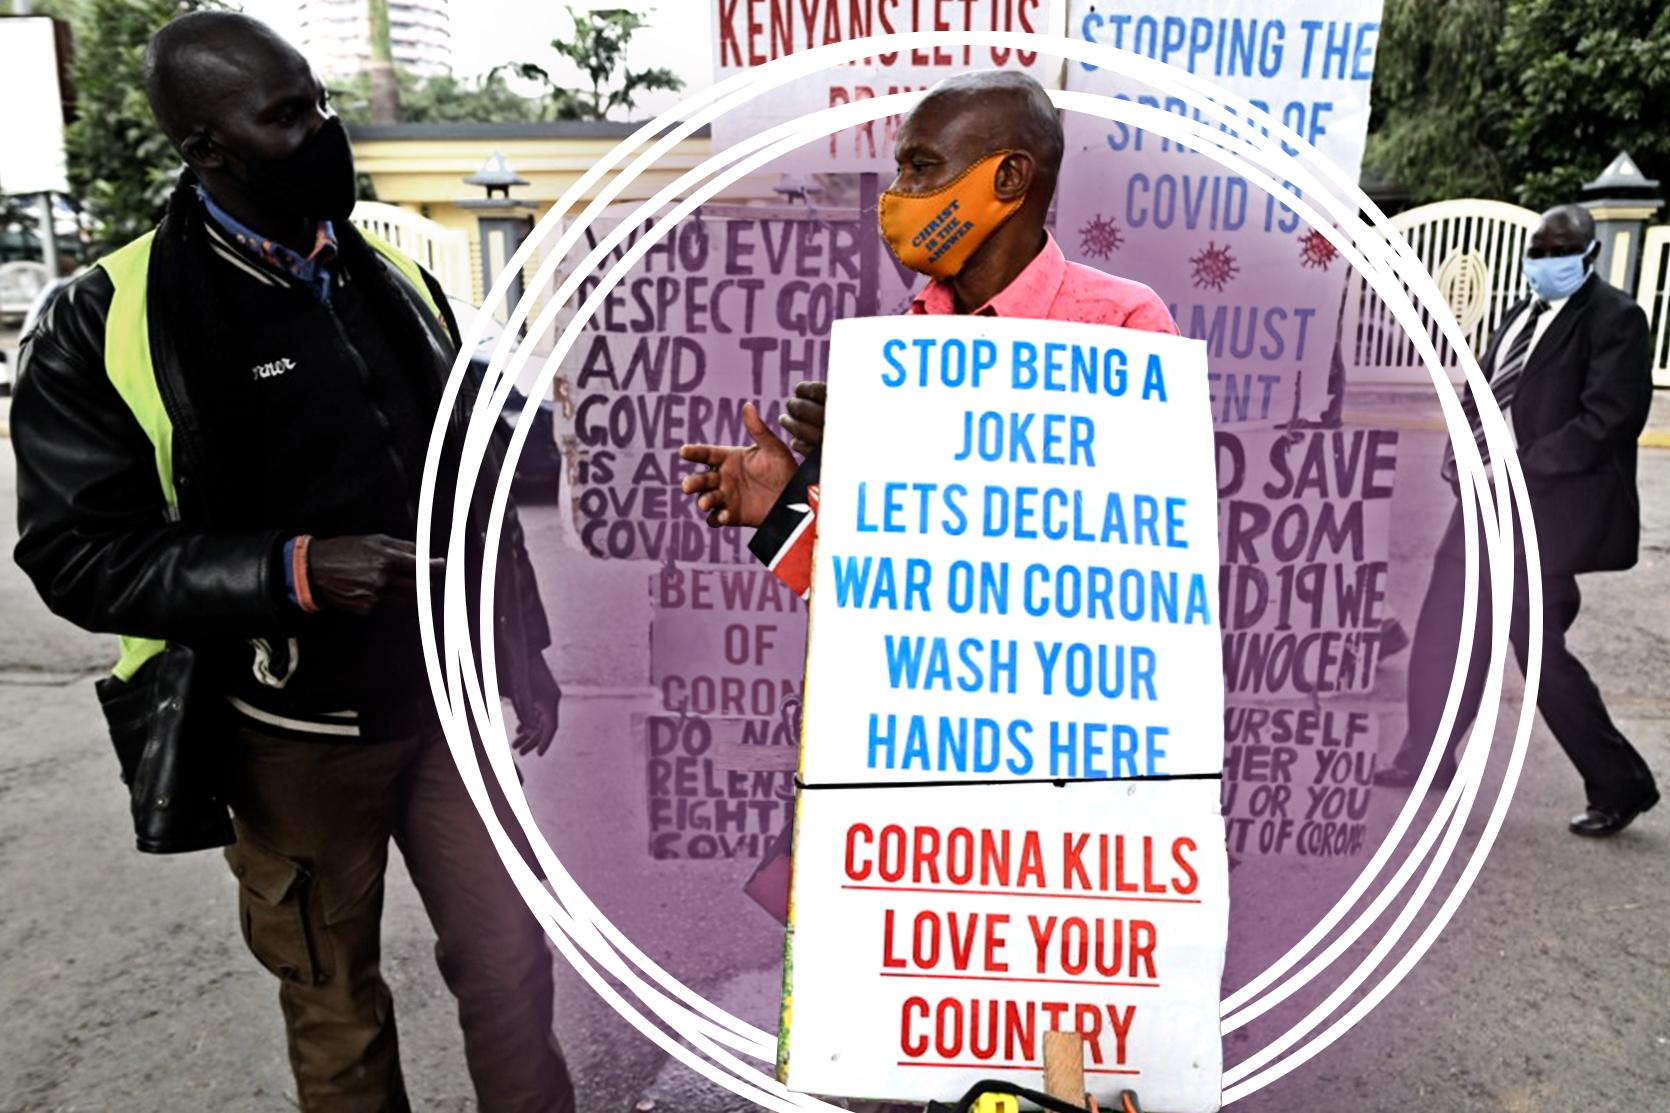 COVID-19: In Kenya, social media are aflame